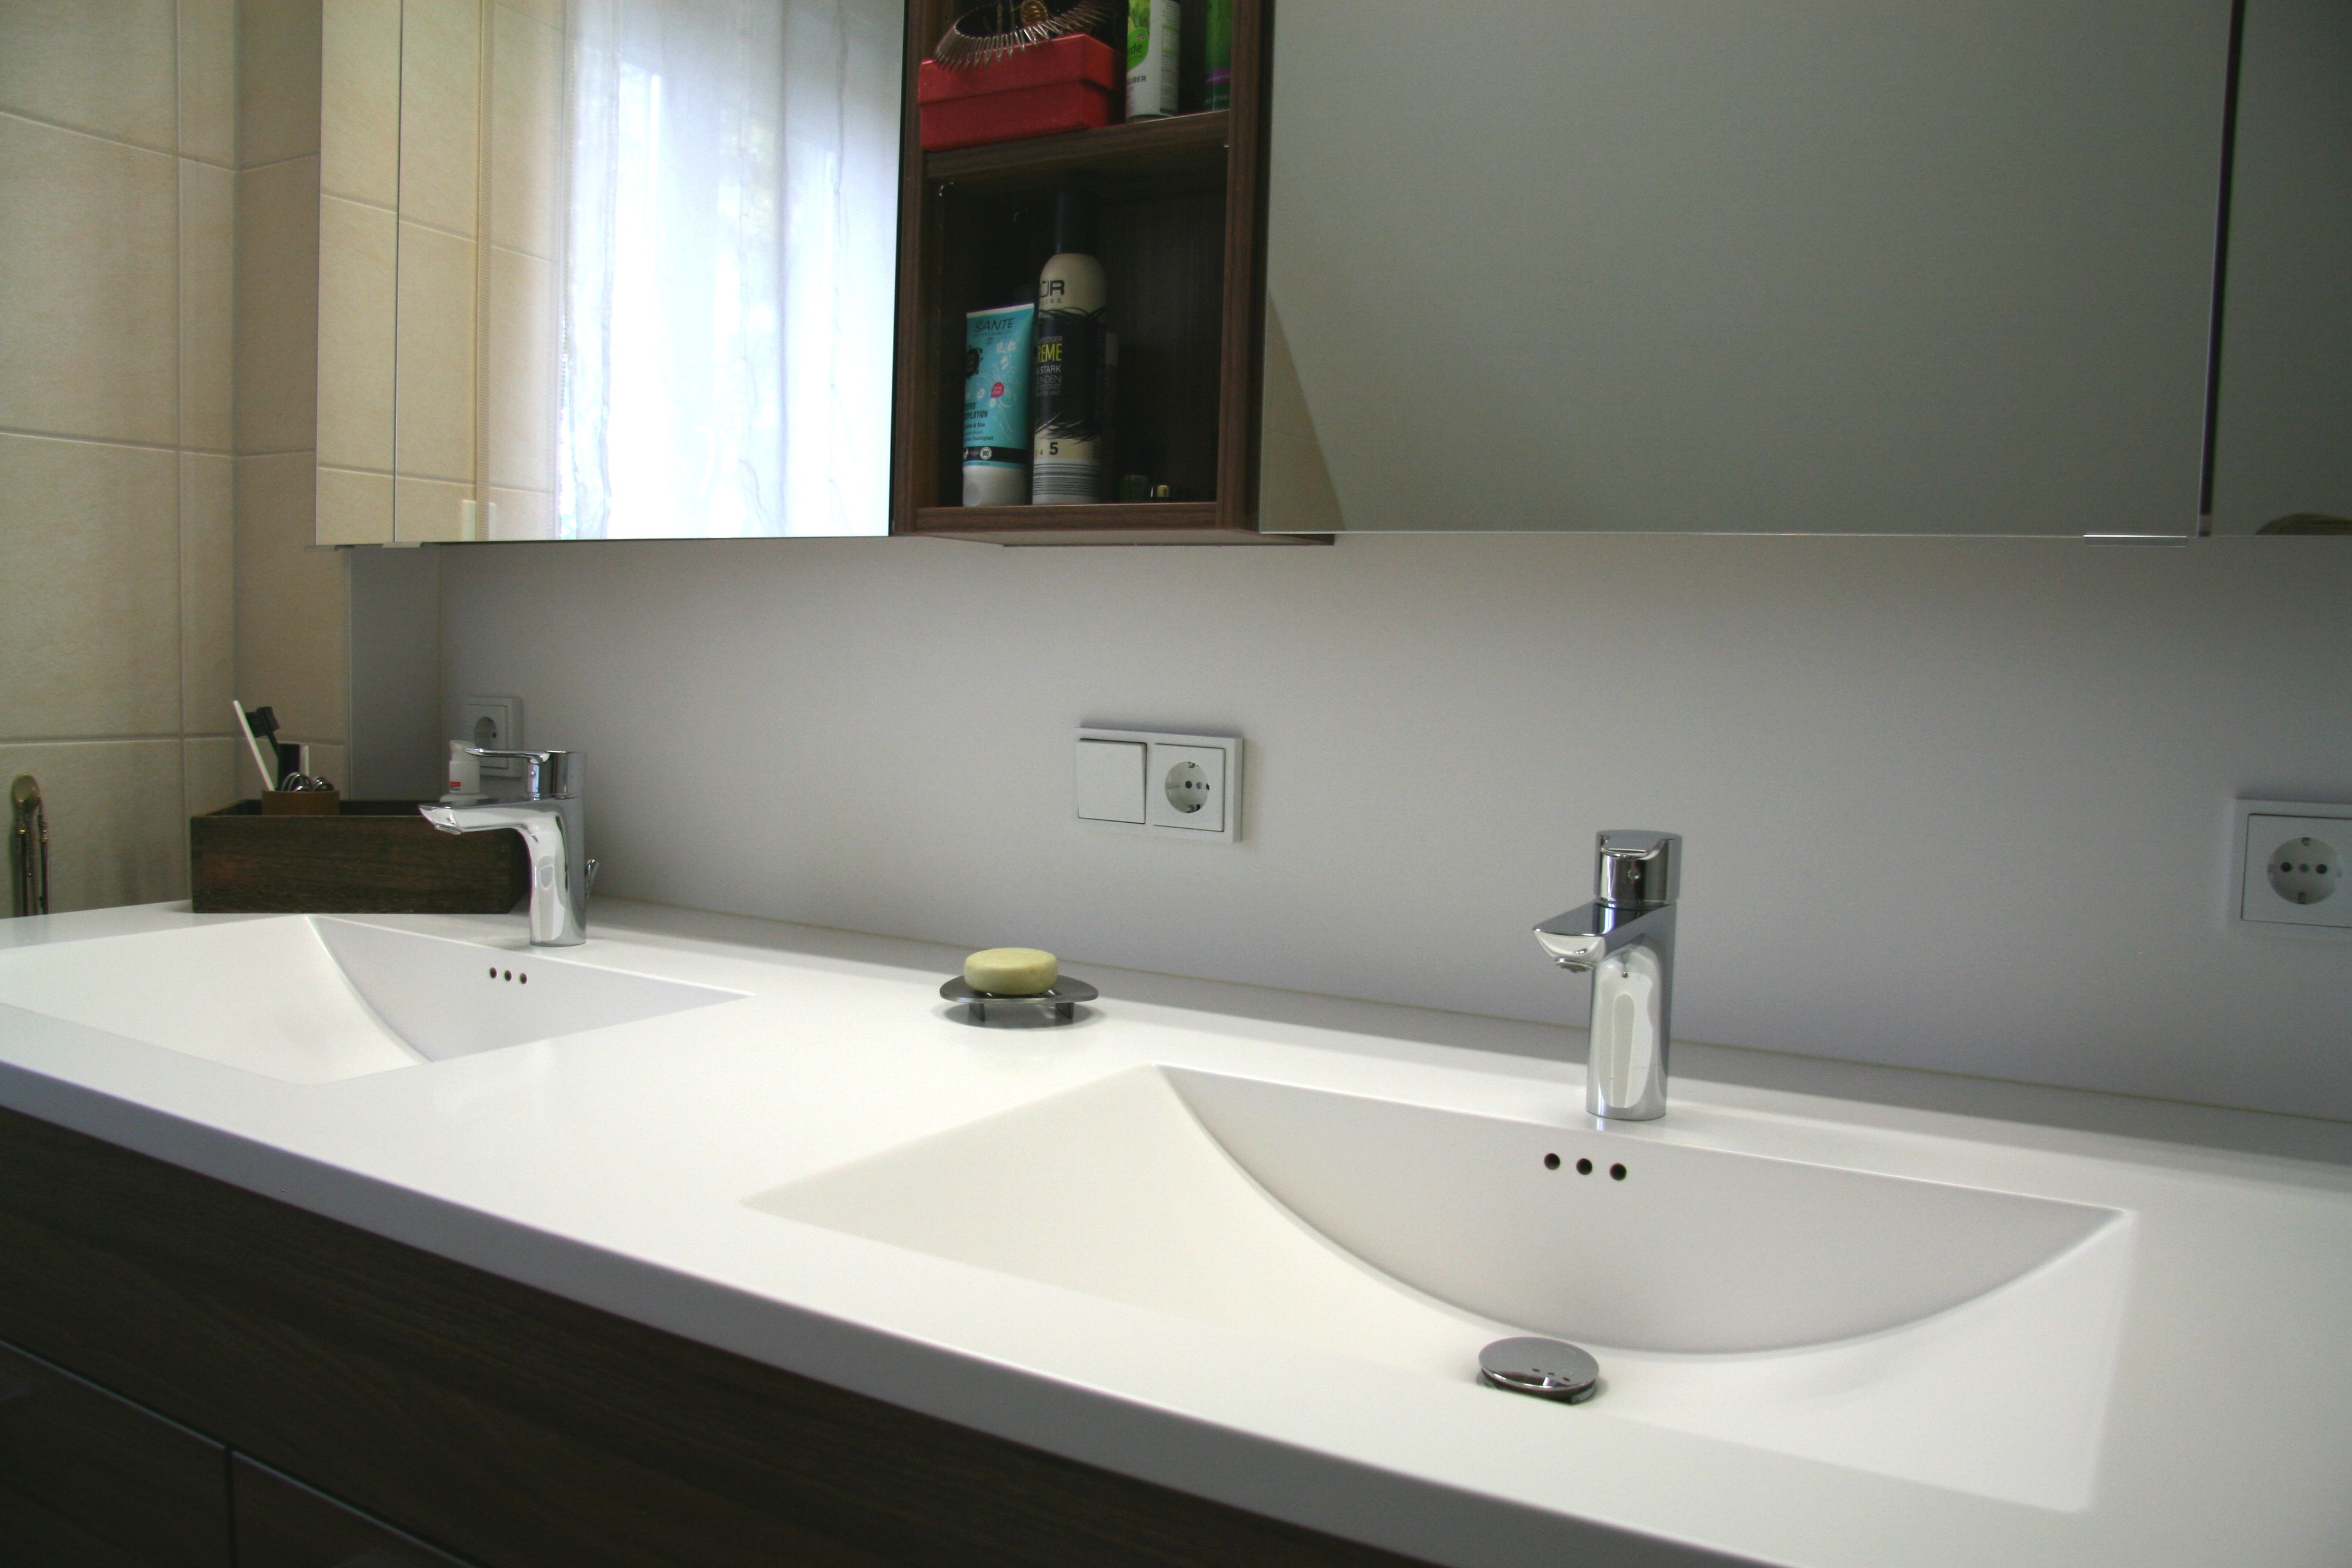 Pin Von Berno Auf Bad Waschbecken Badezimmer Waschtischplatte